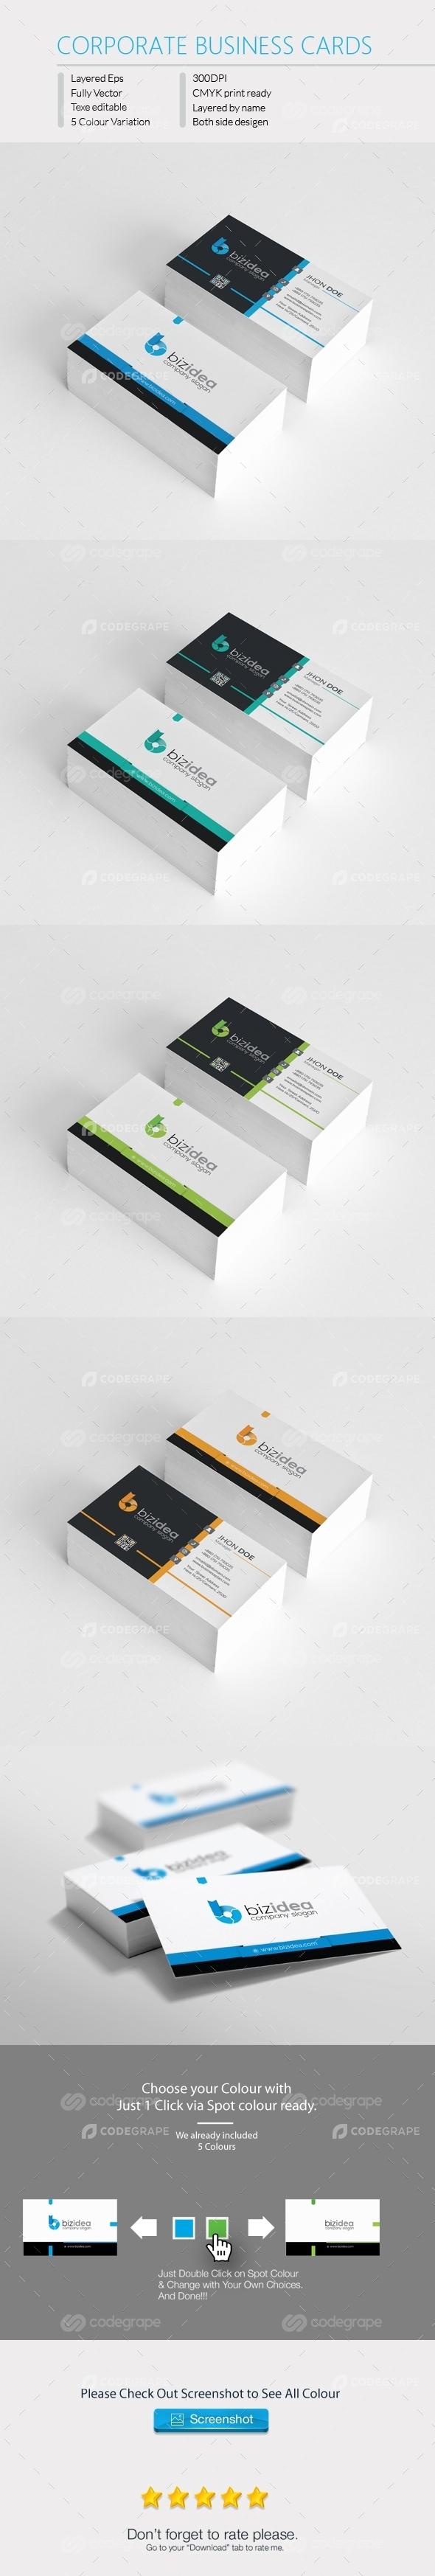 Bizidea Corporate Business Card